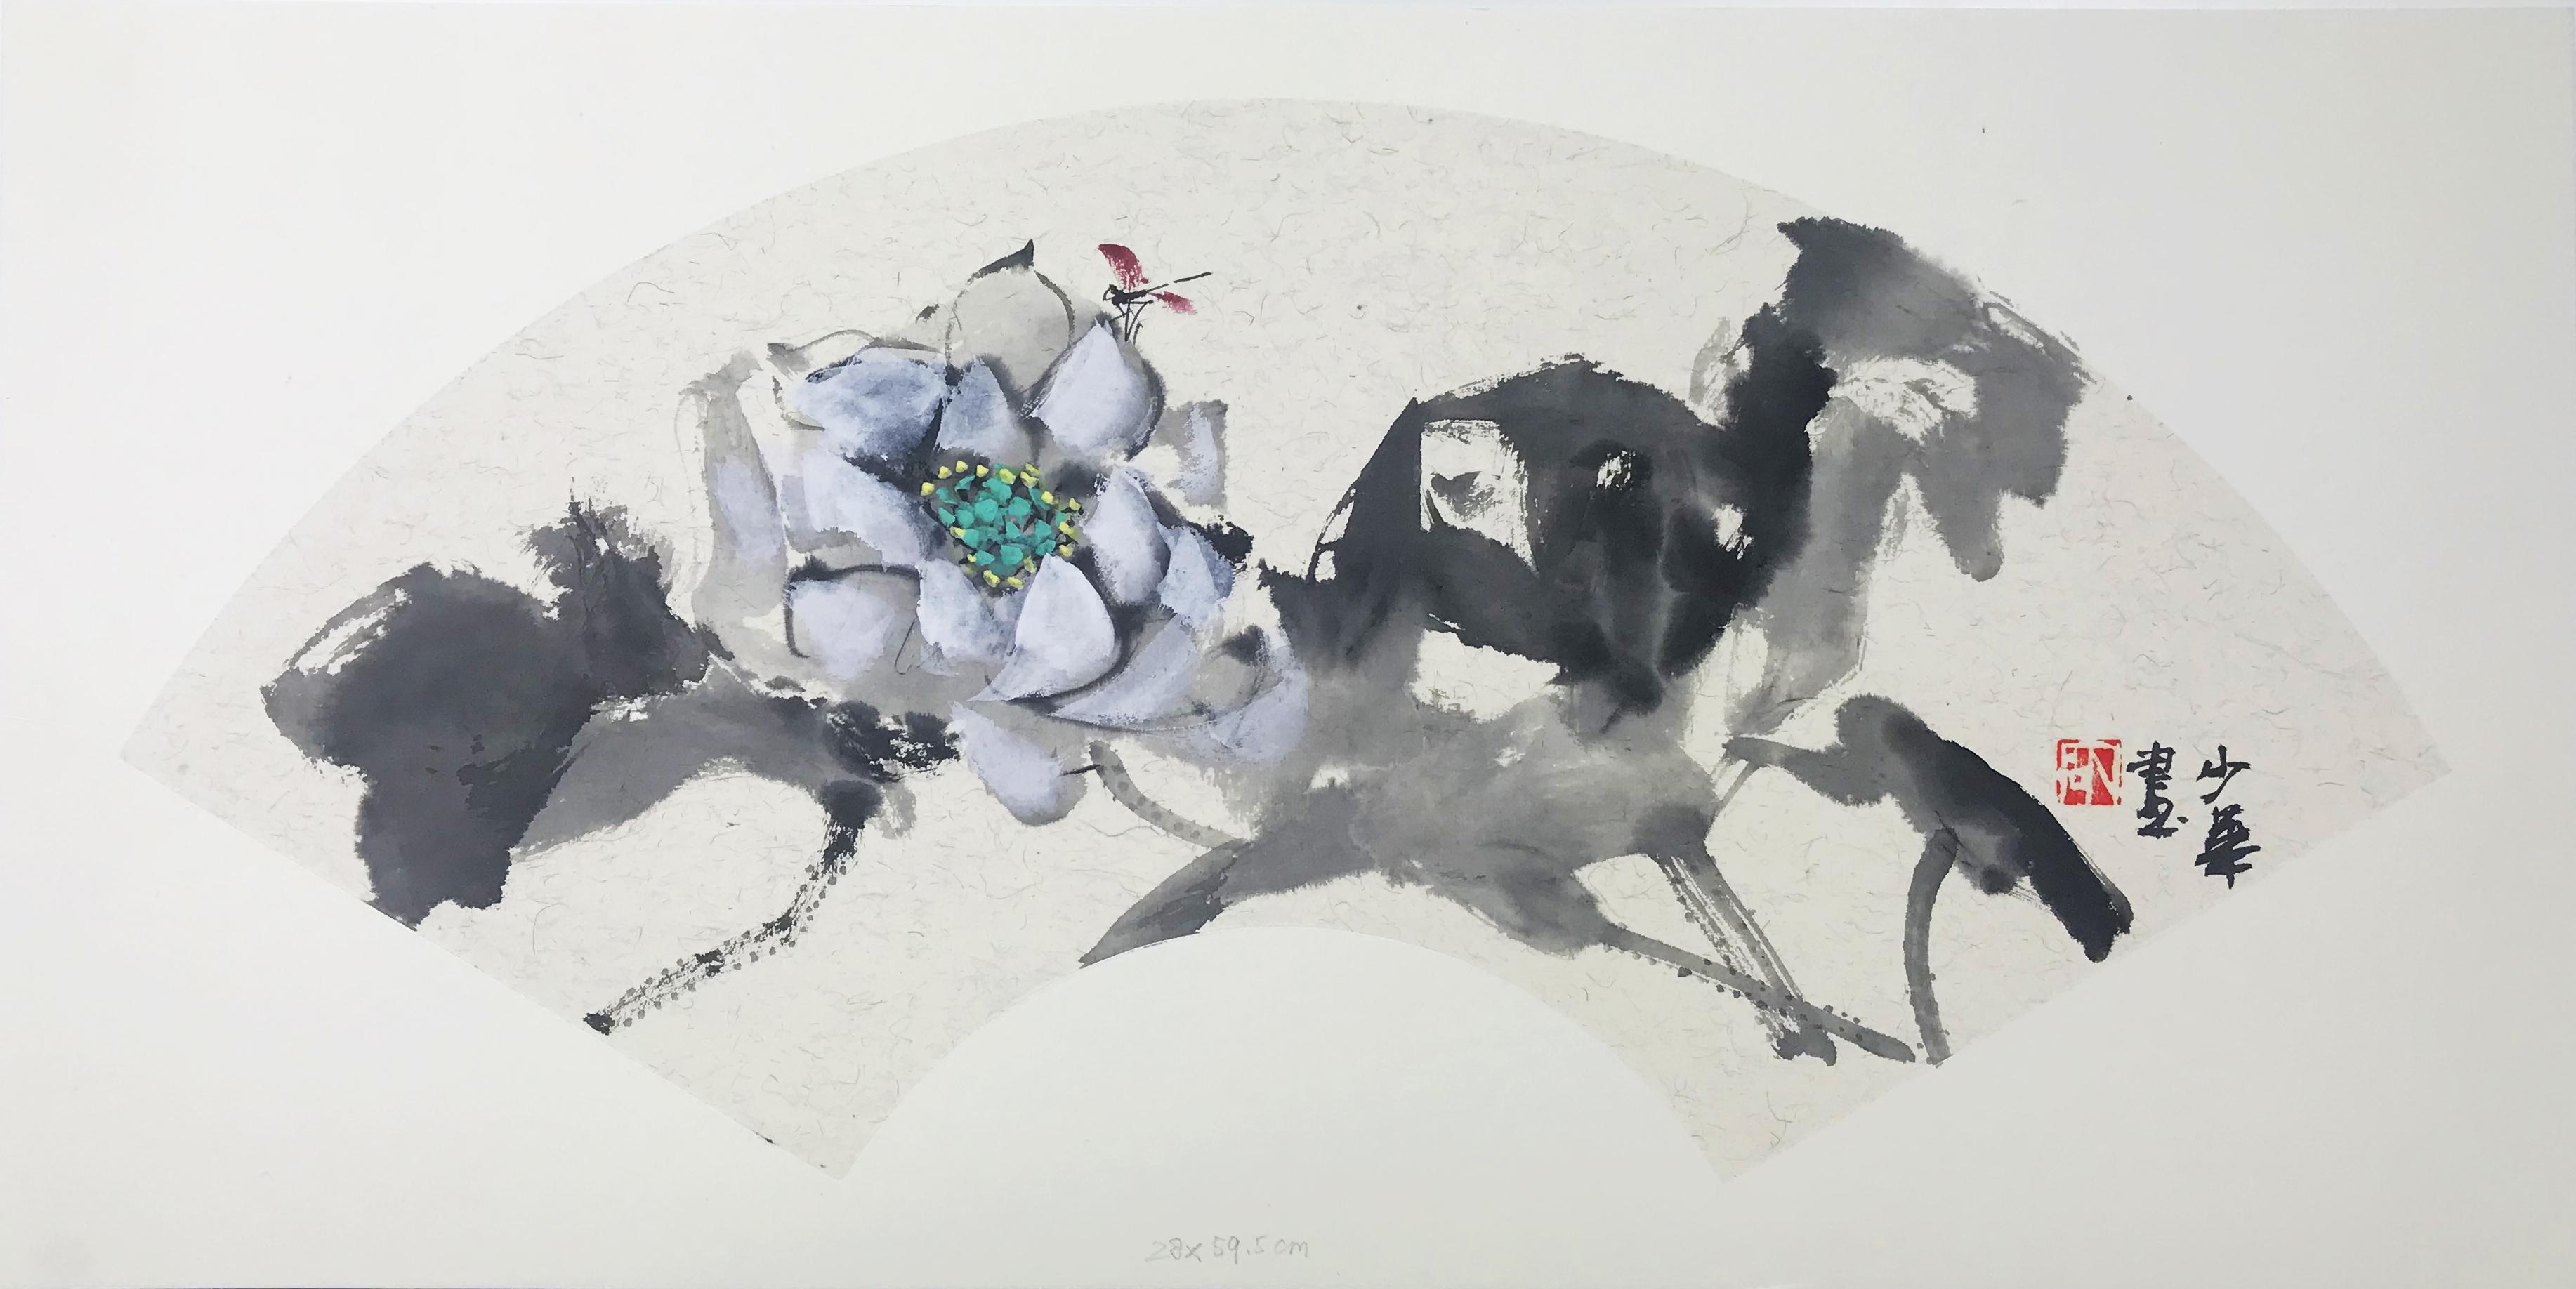 Fan shao hua artworks for sale